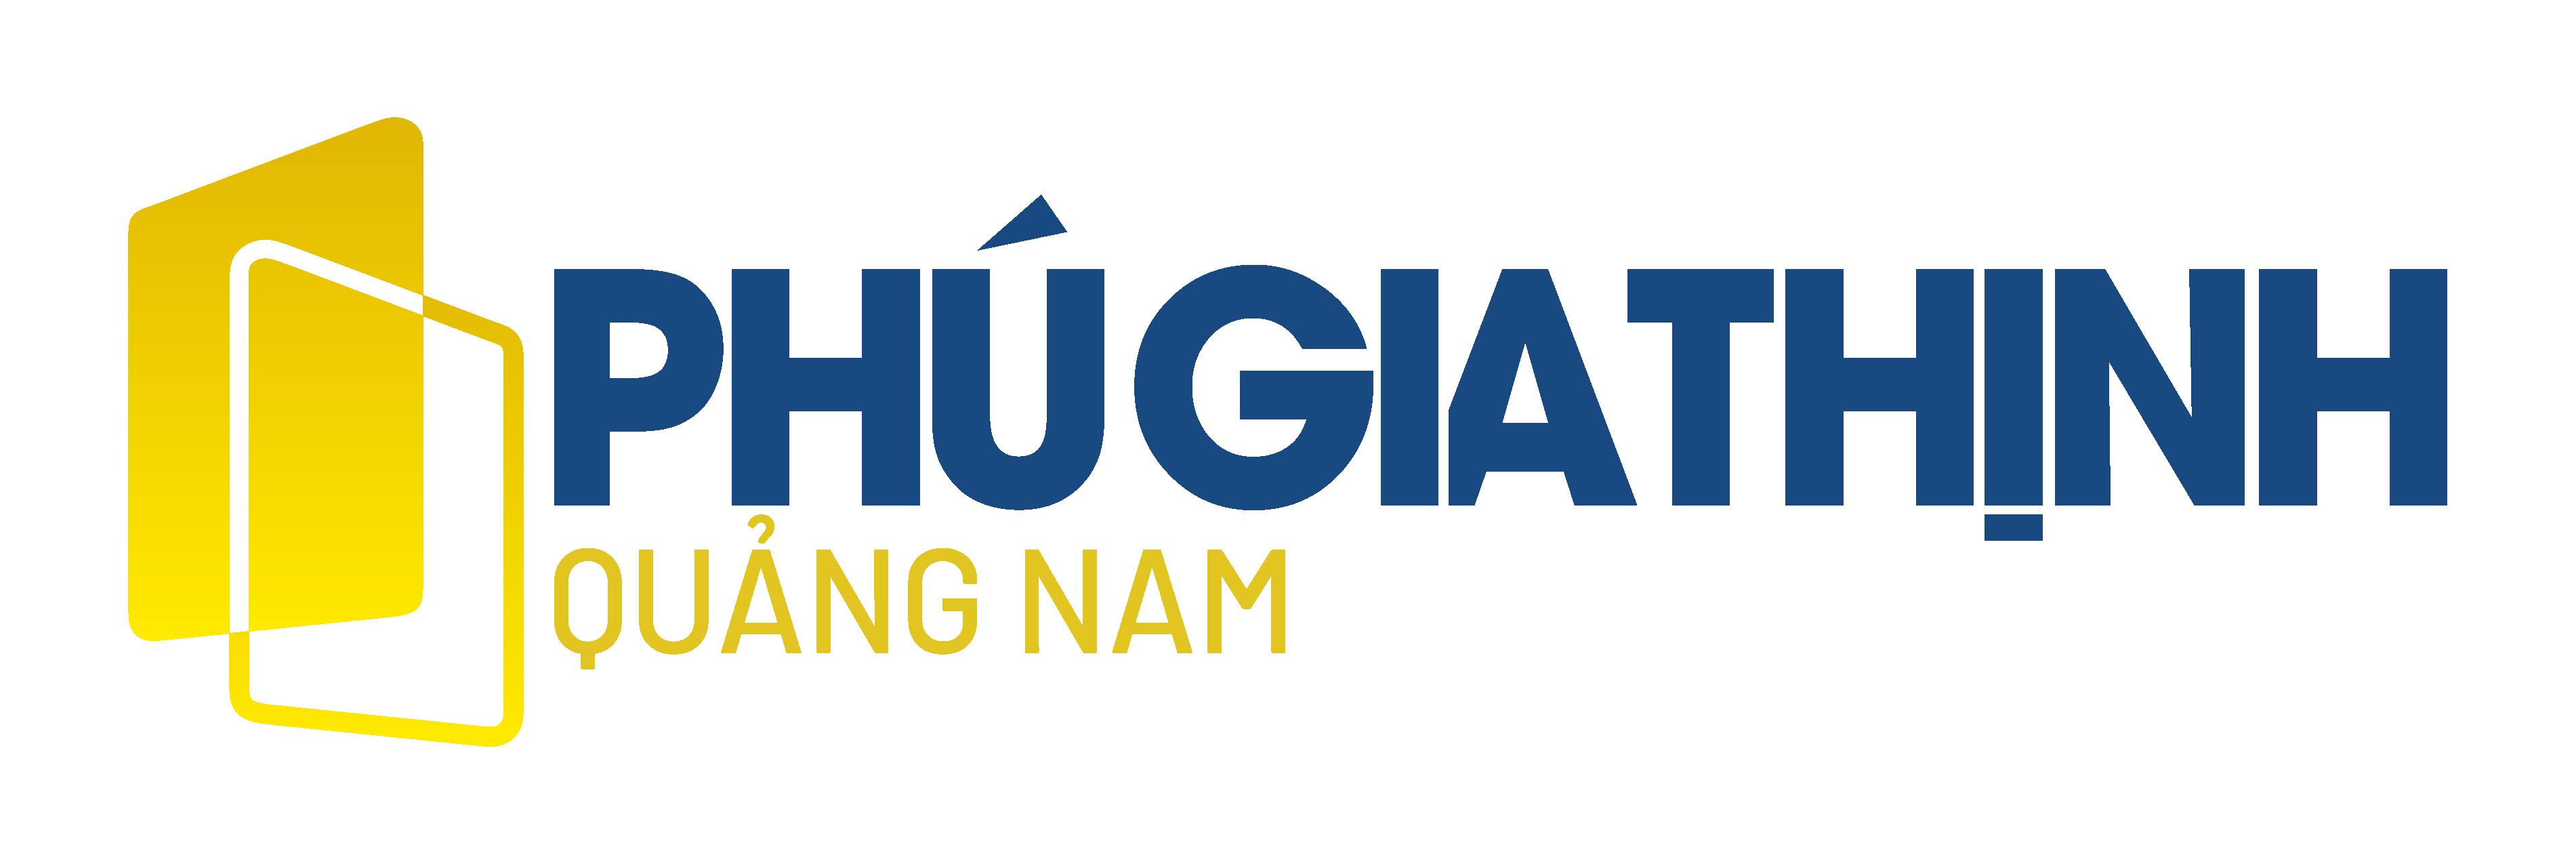 PGT QUANGNAM